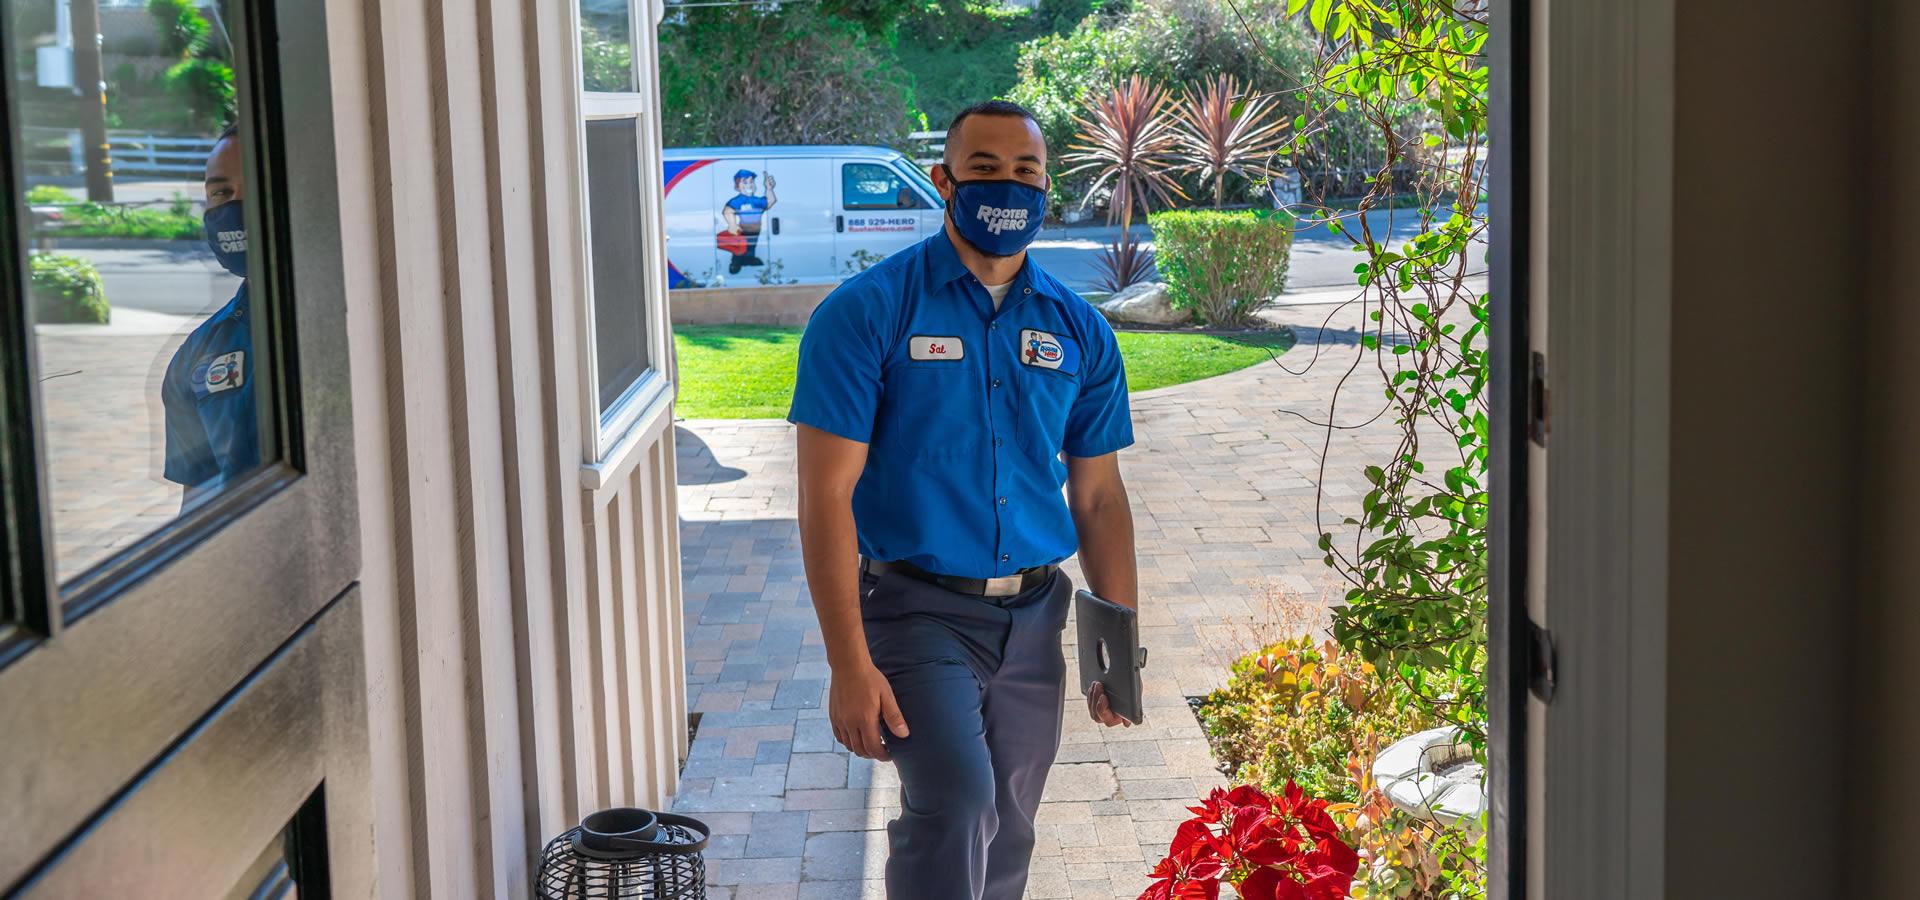 Leak Detection in Glendale, AZ